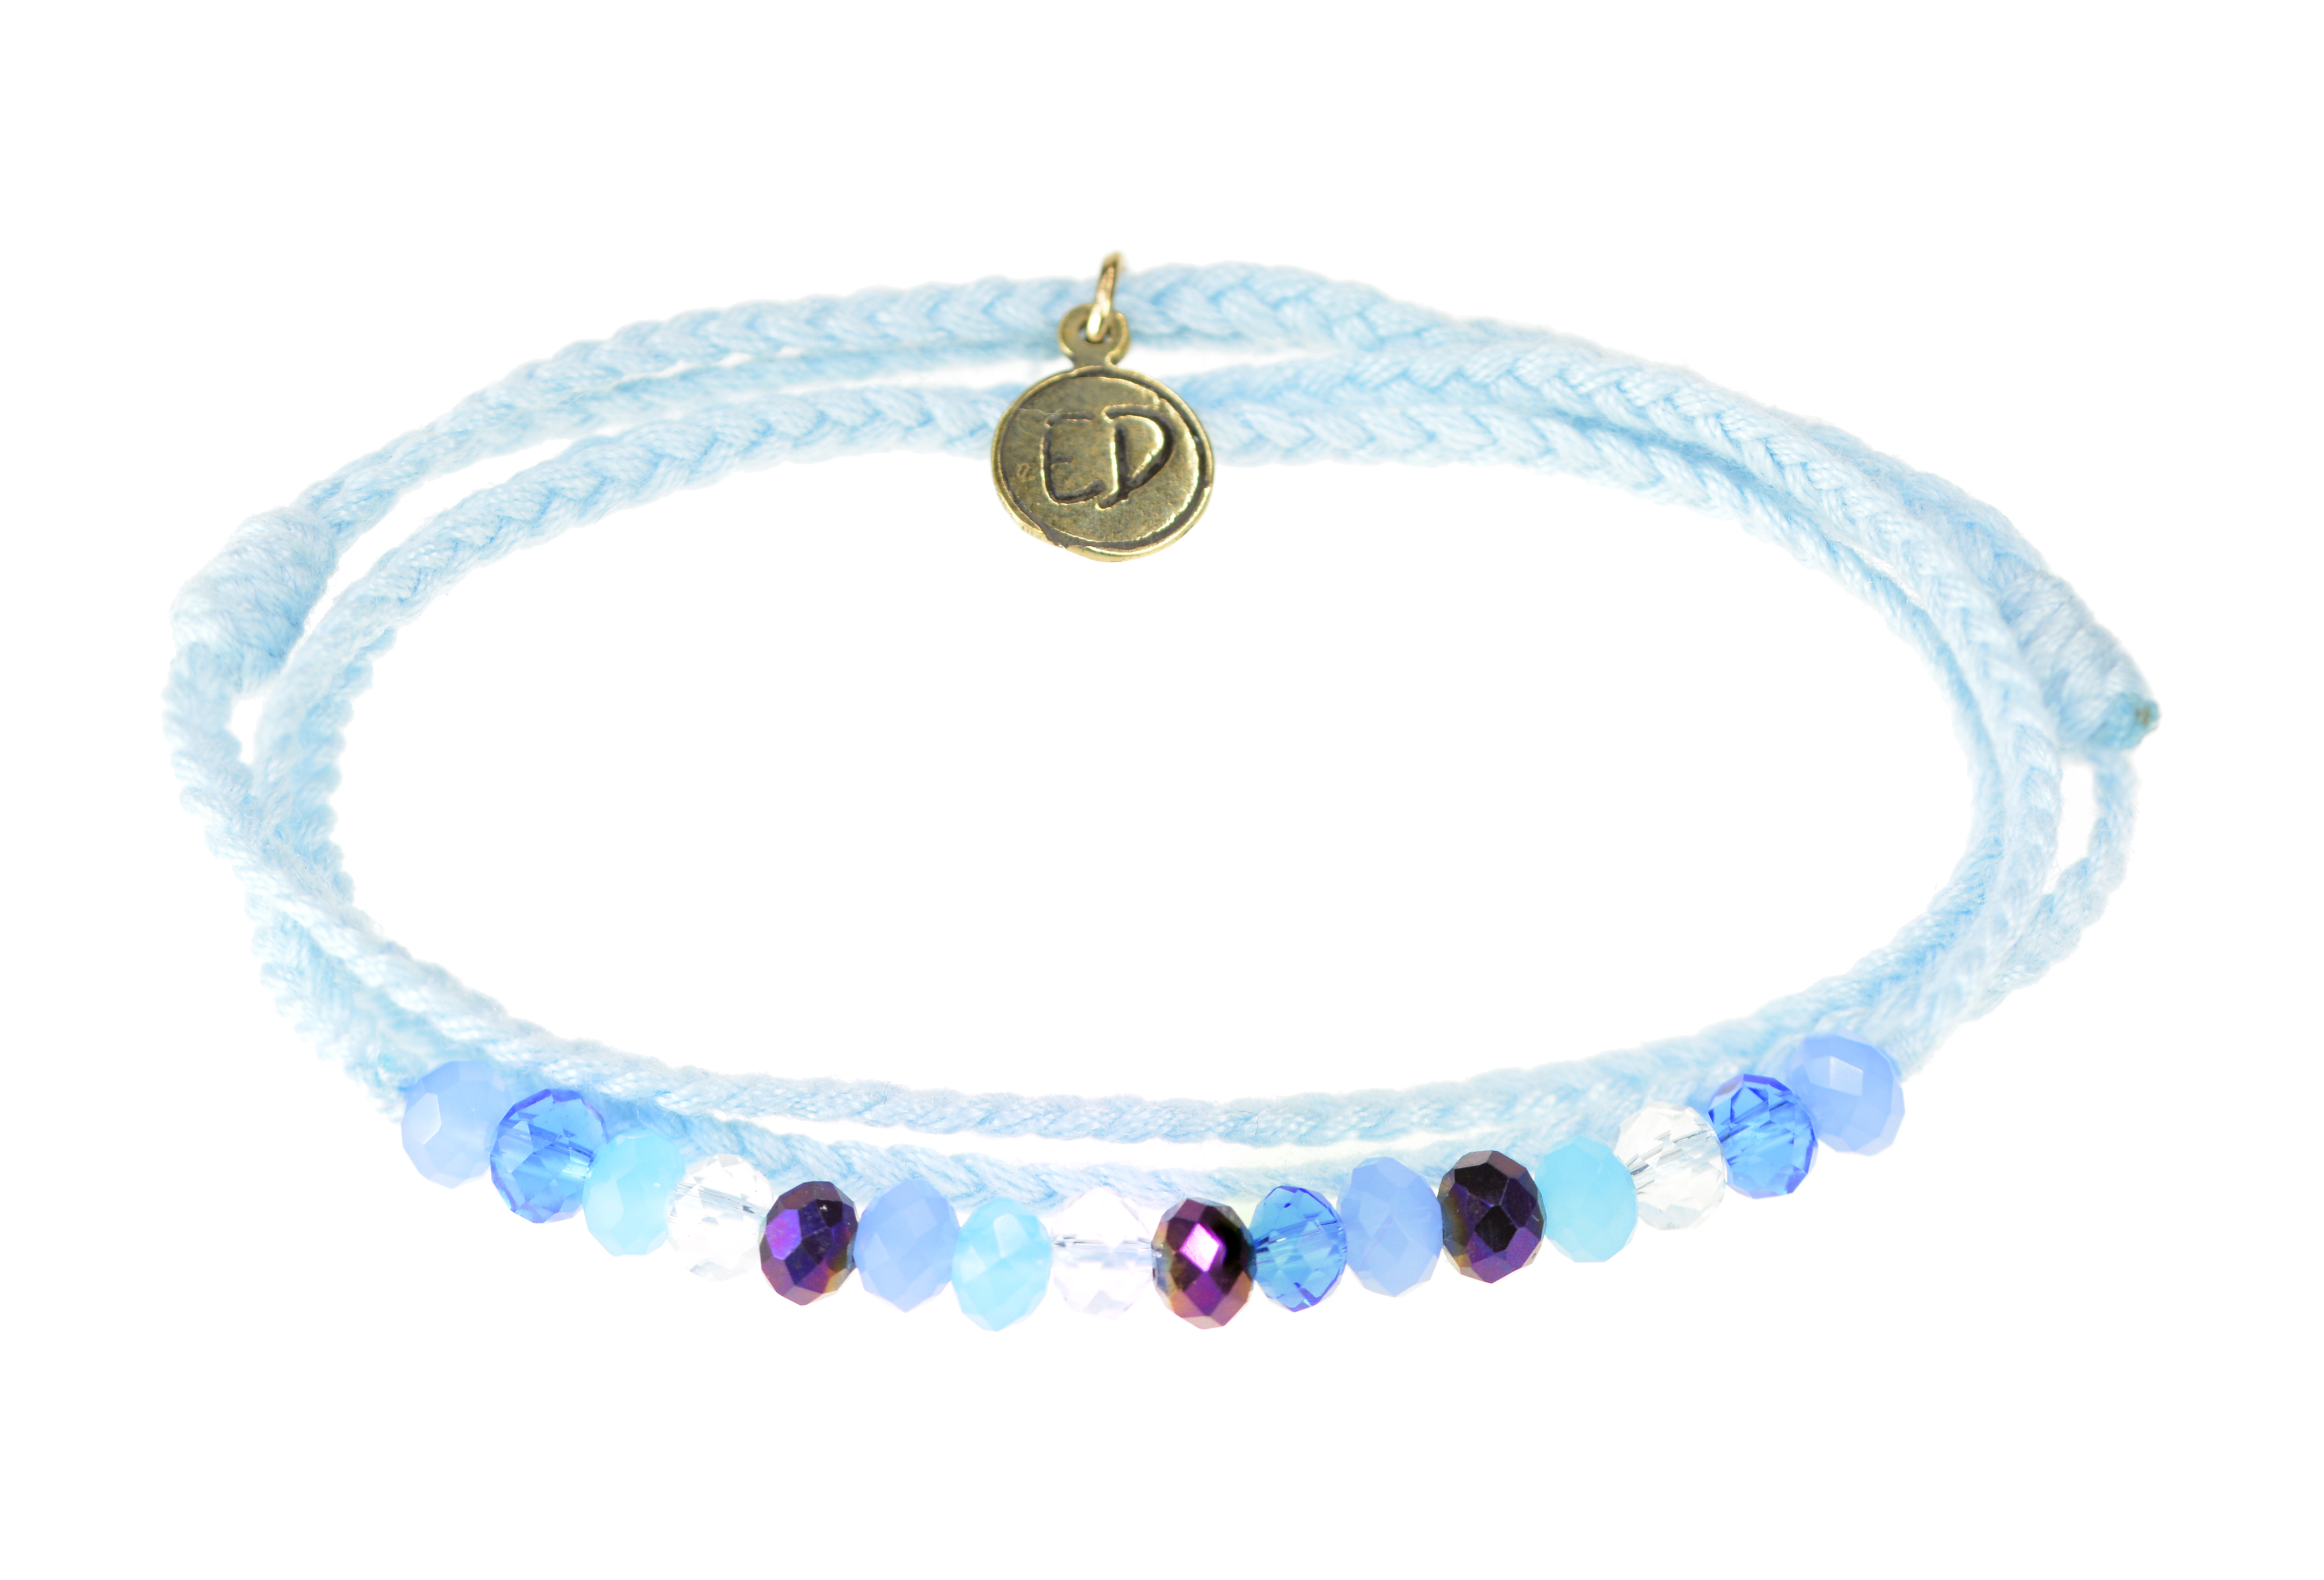 Pletený náramok s farebnými krištáľovými korálkami - modrý